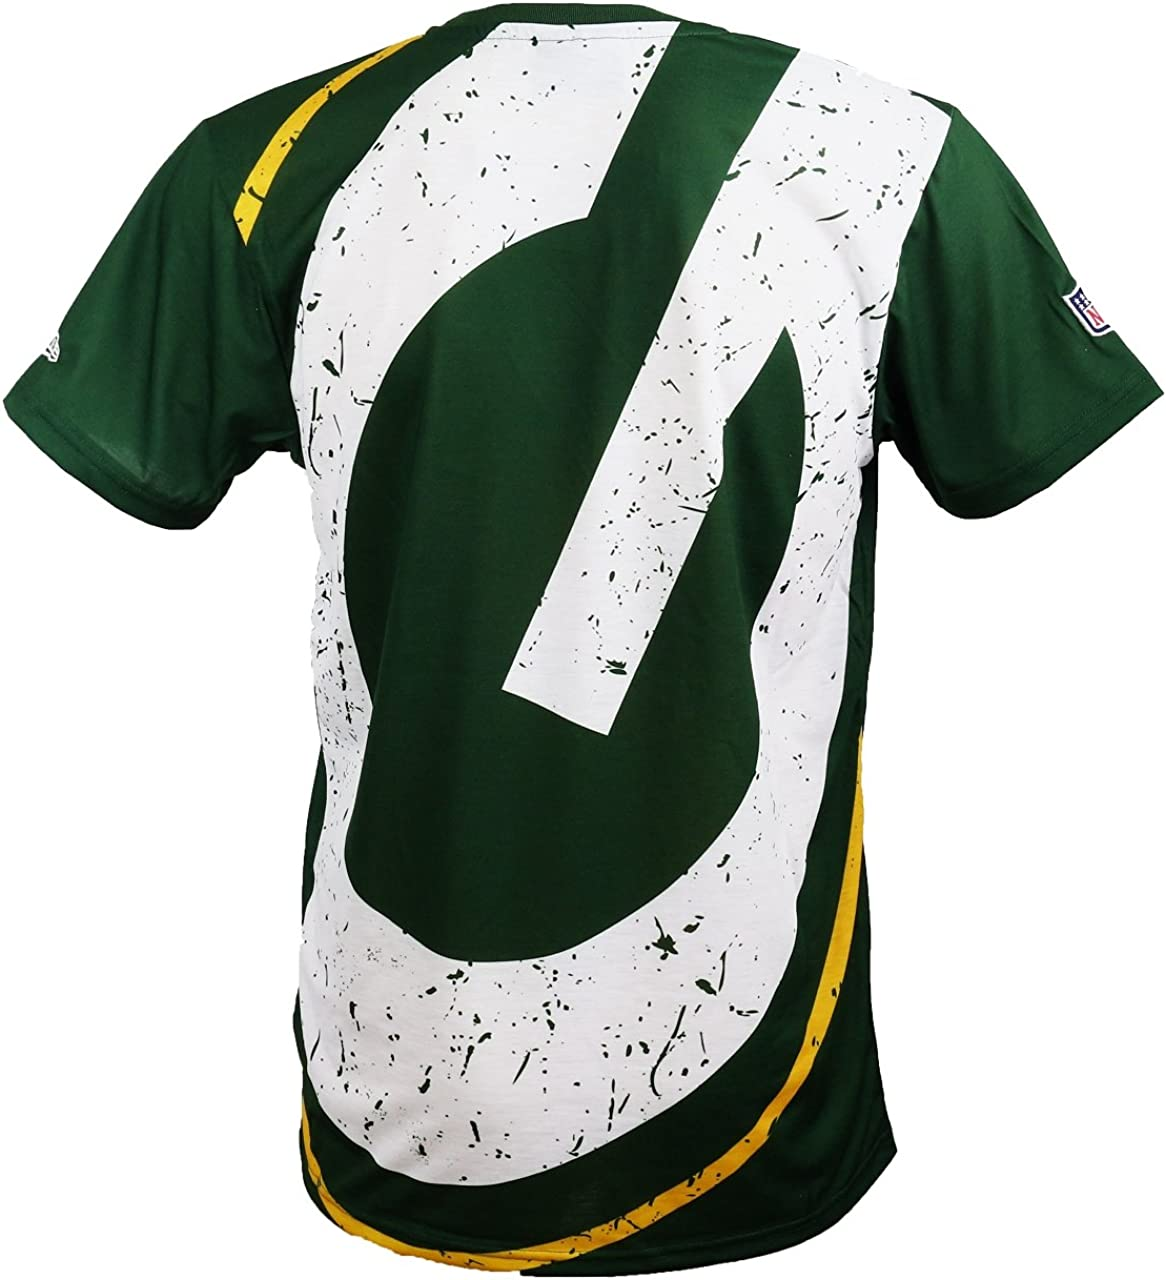 New Era Green Bay Packers Camiseta con Logo Grande en Verde para Hombre y Mujer